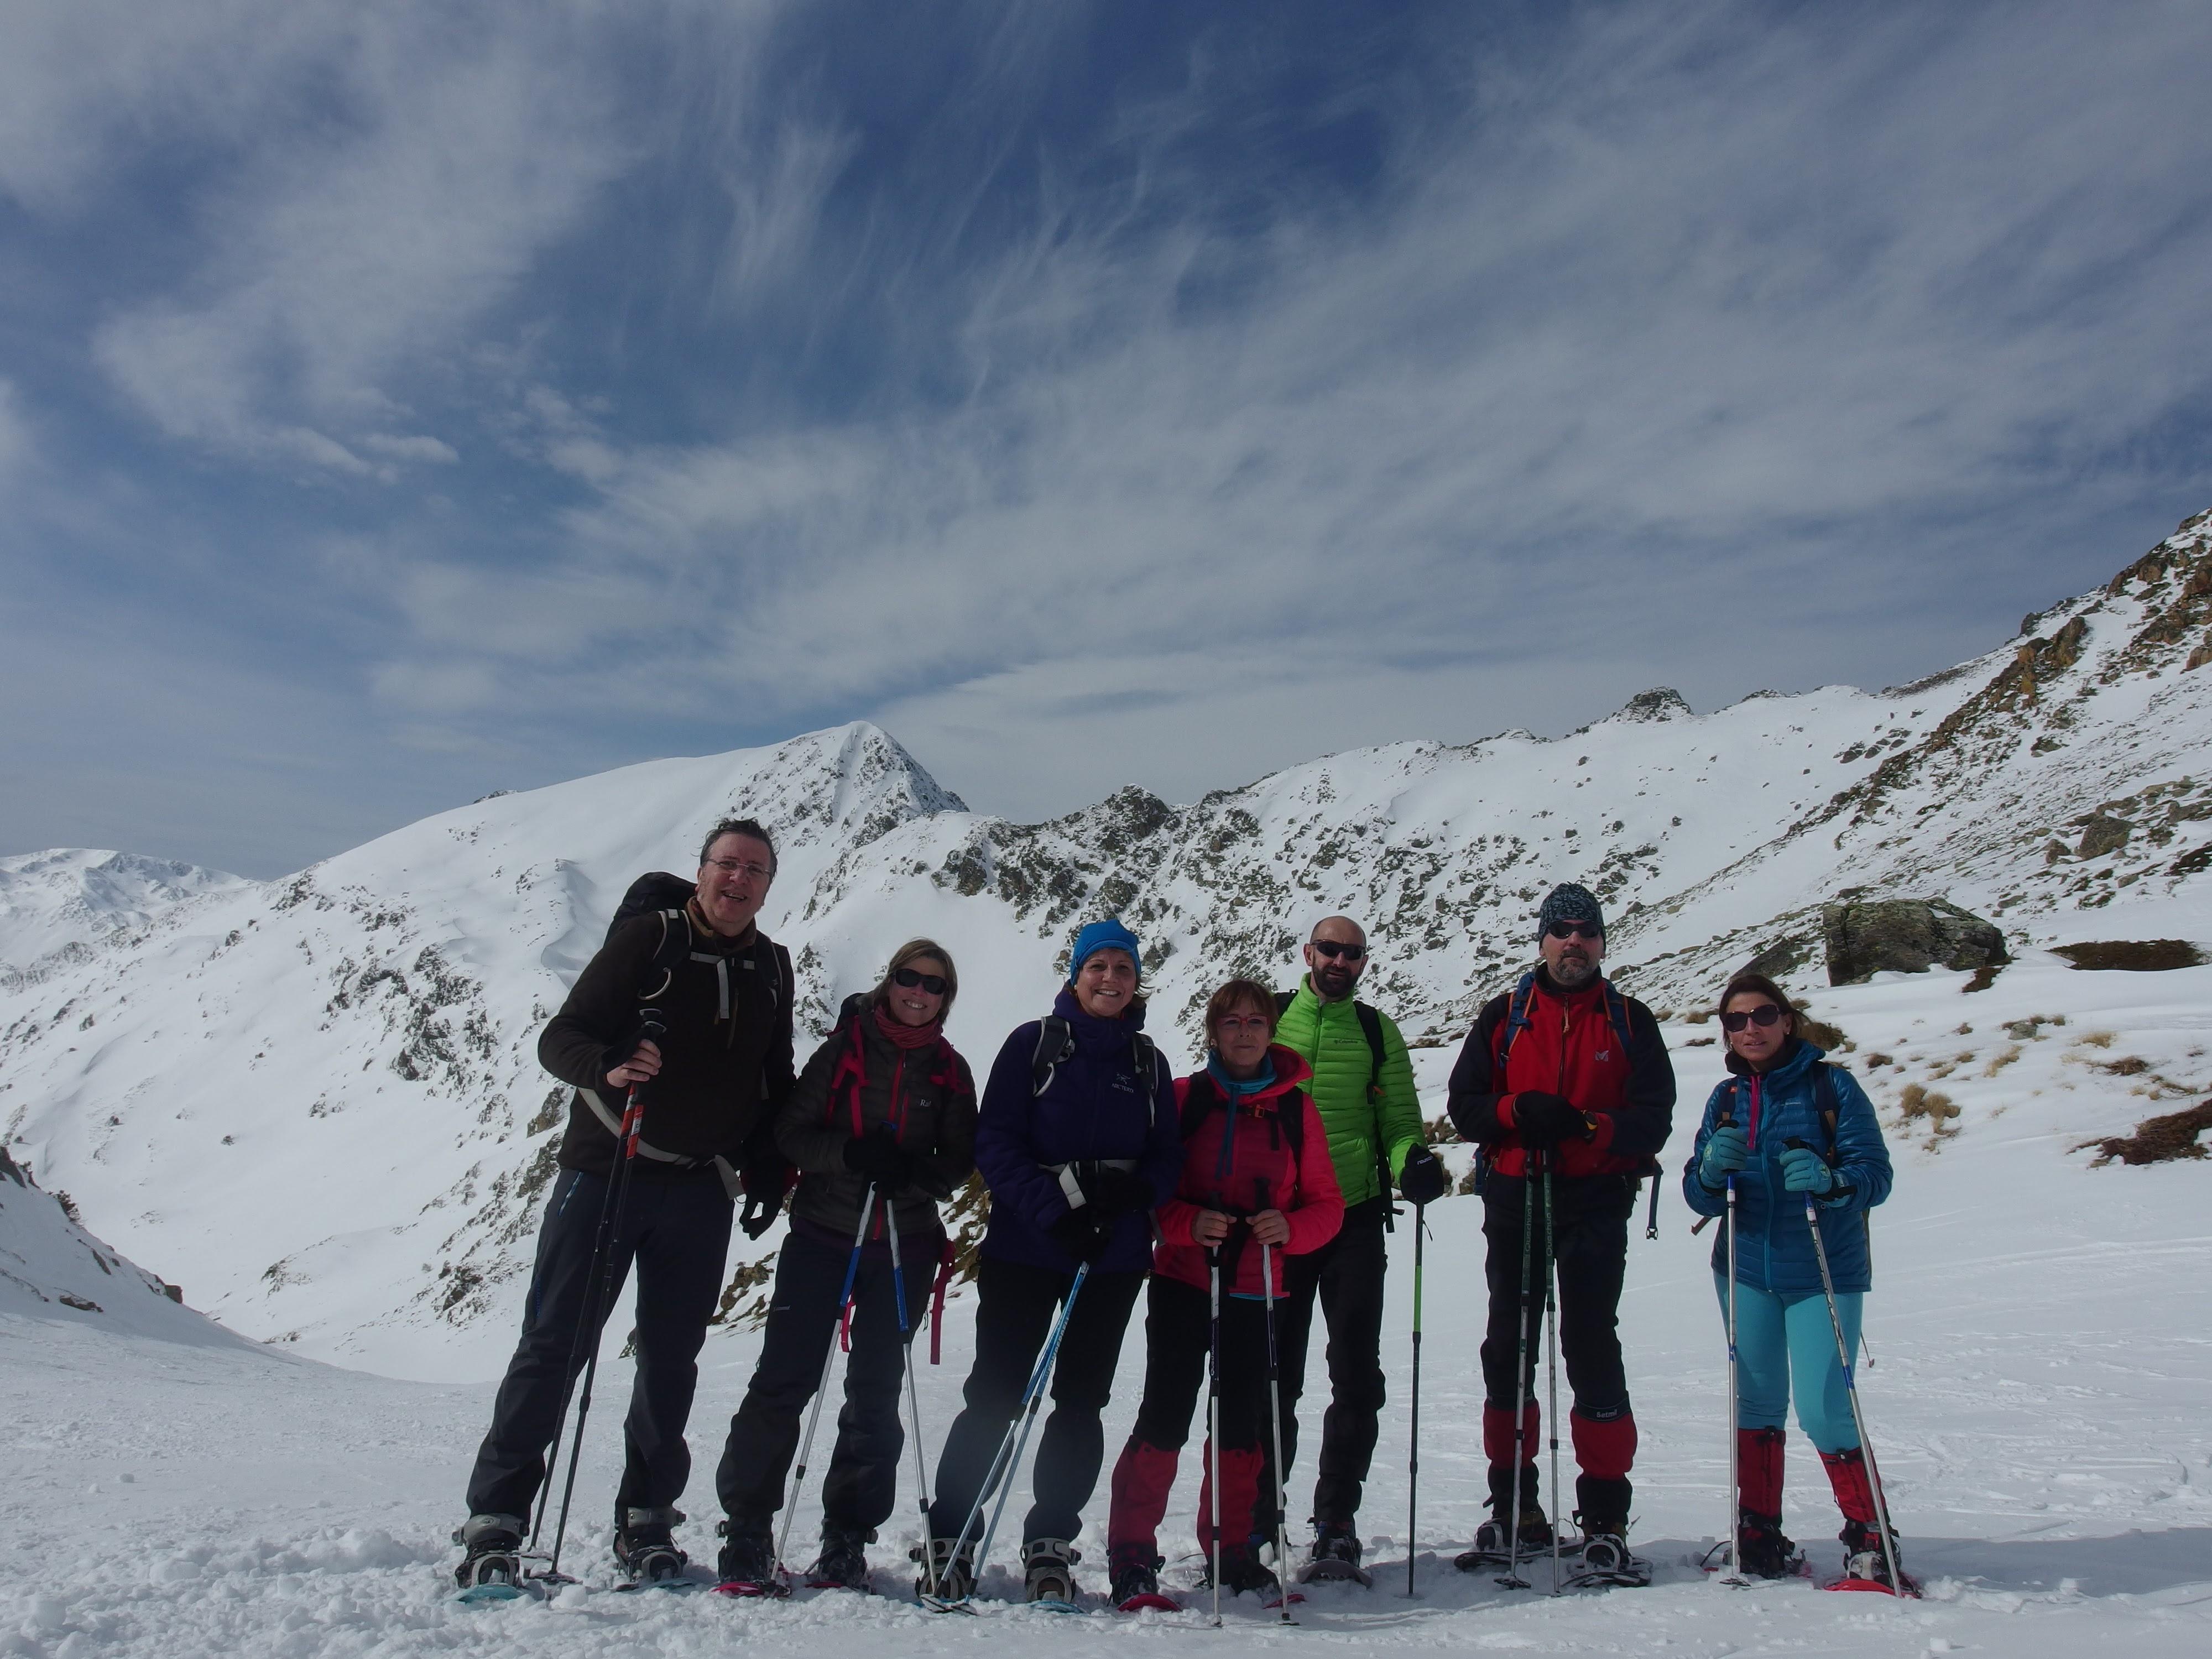 Esquiada raquetada a port puymorens 11 febrer 2017 gemi for Porte puymorens